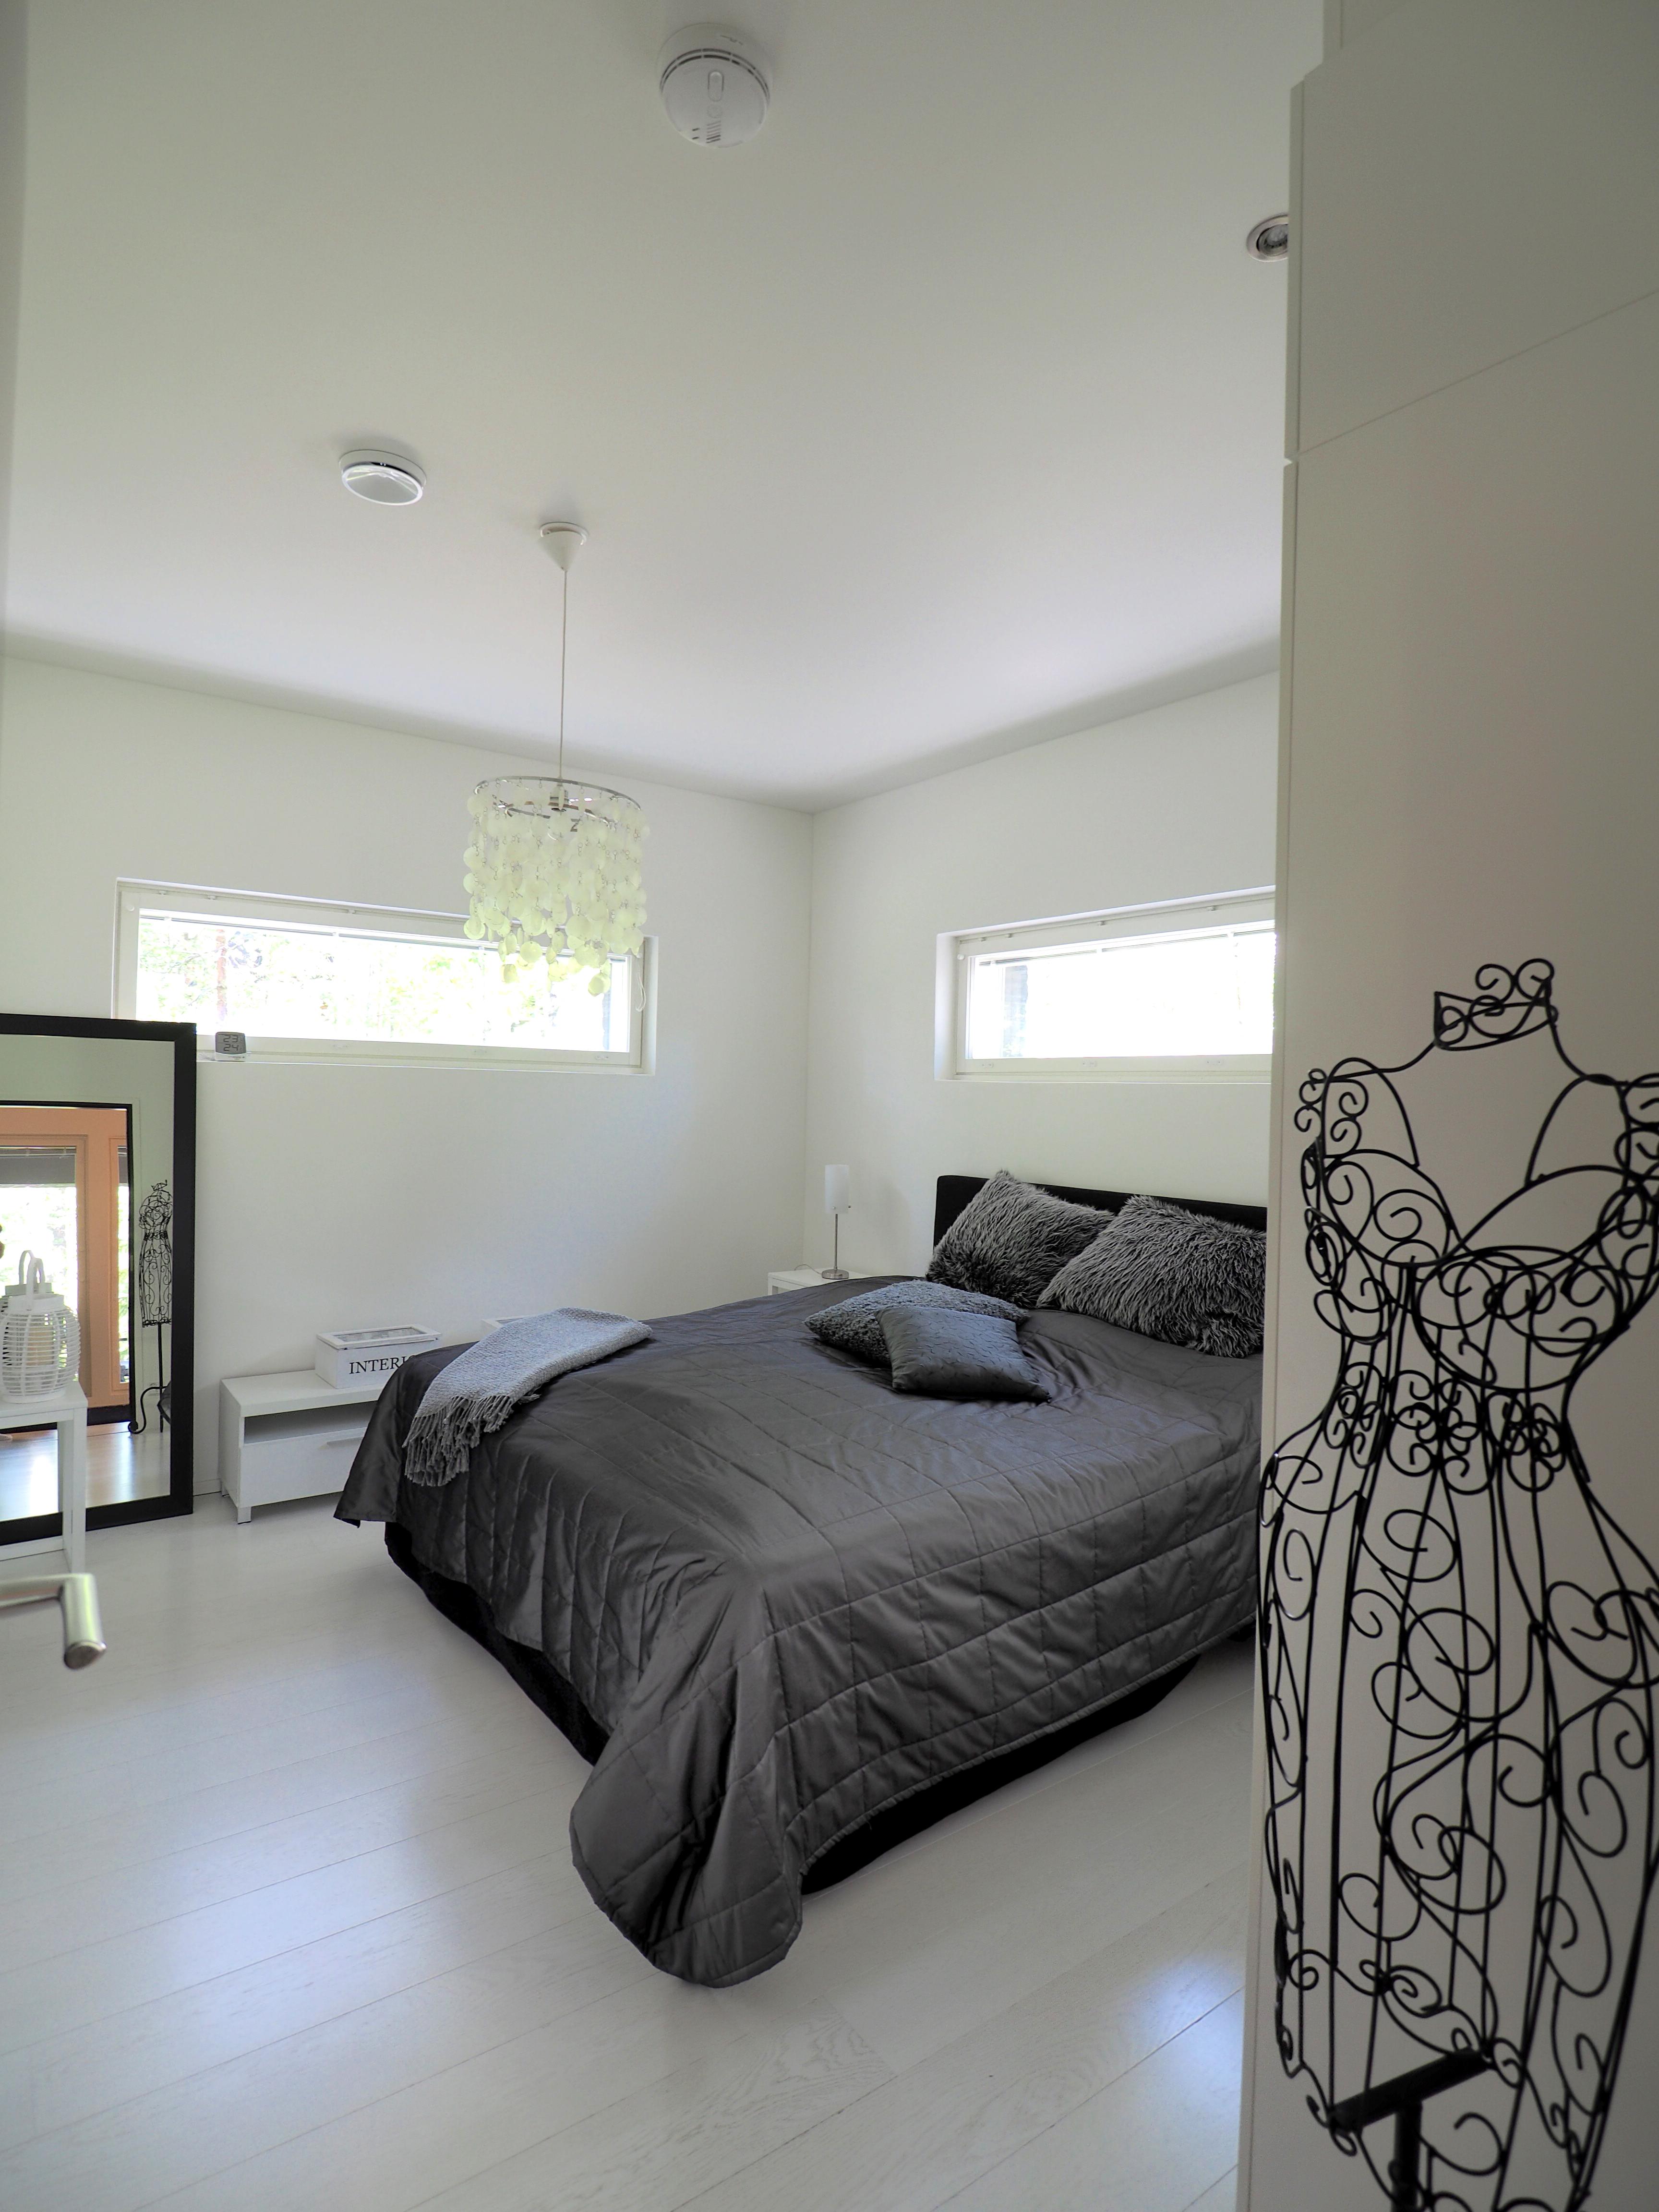 moderni sisustus makuuhuoneessa, valkoinen lattia